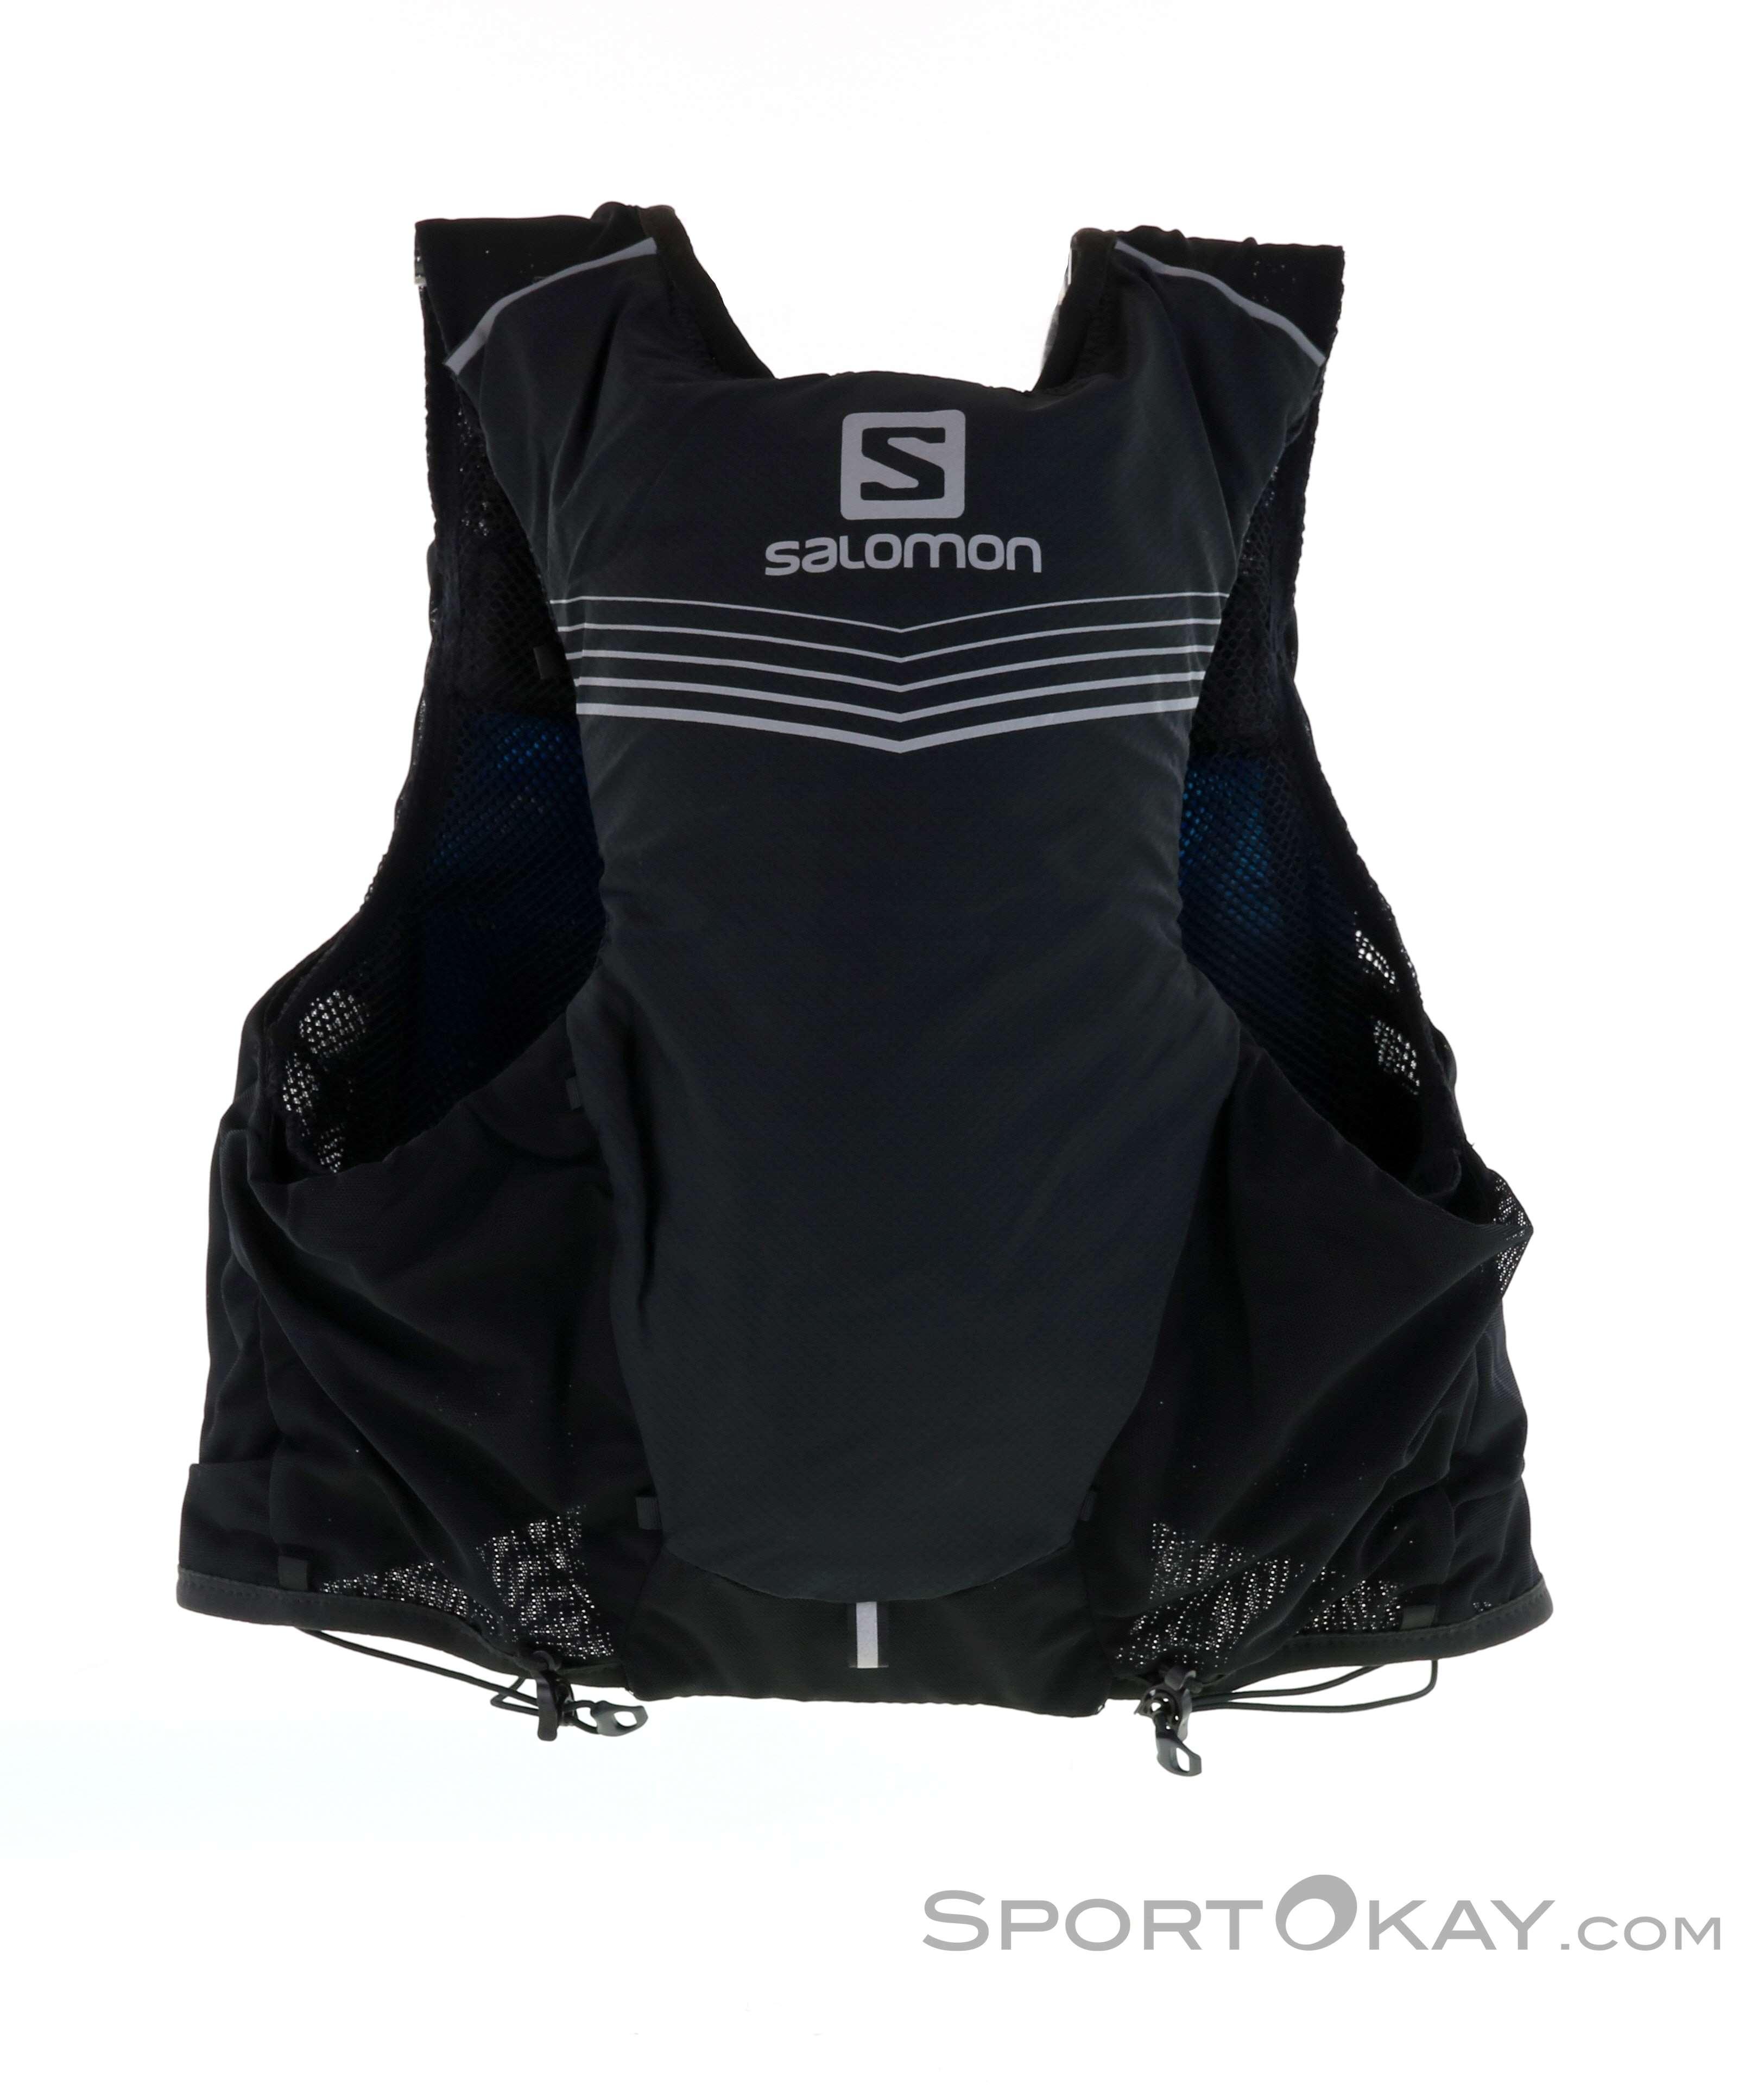 Salomon ADV Skin Set 5l Traillaufweste-Schwarz-S